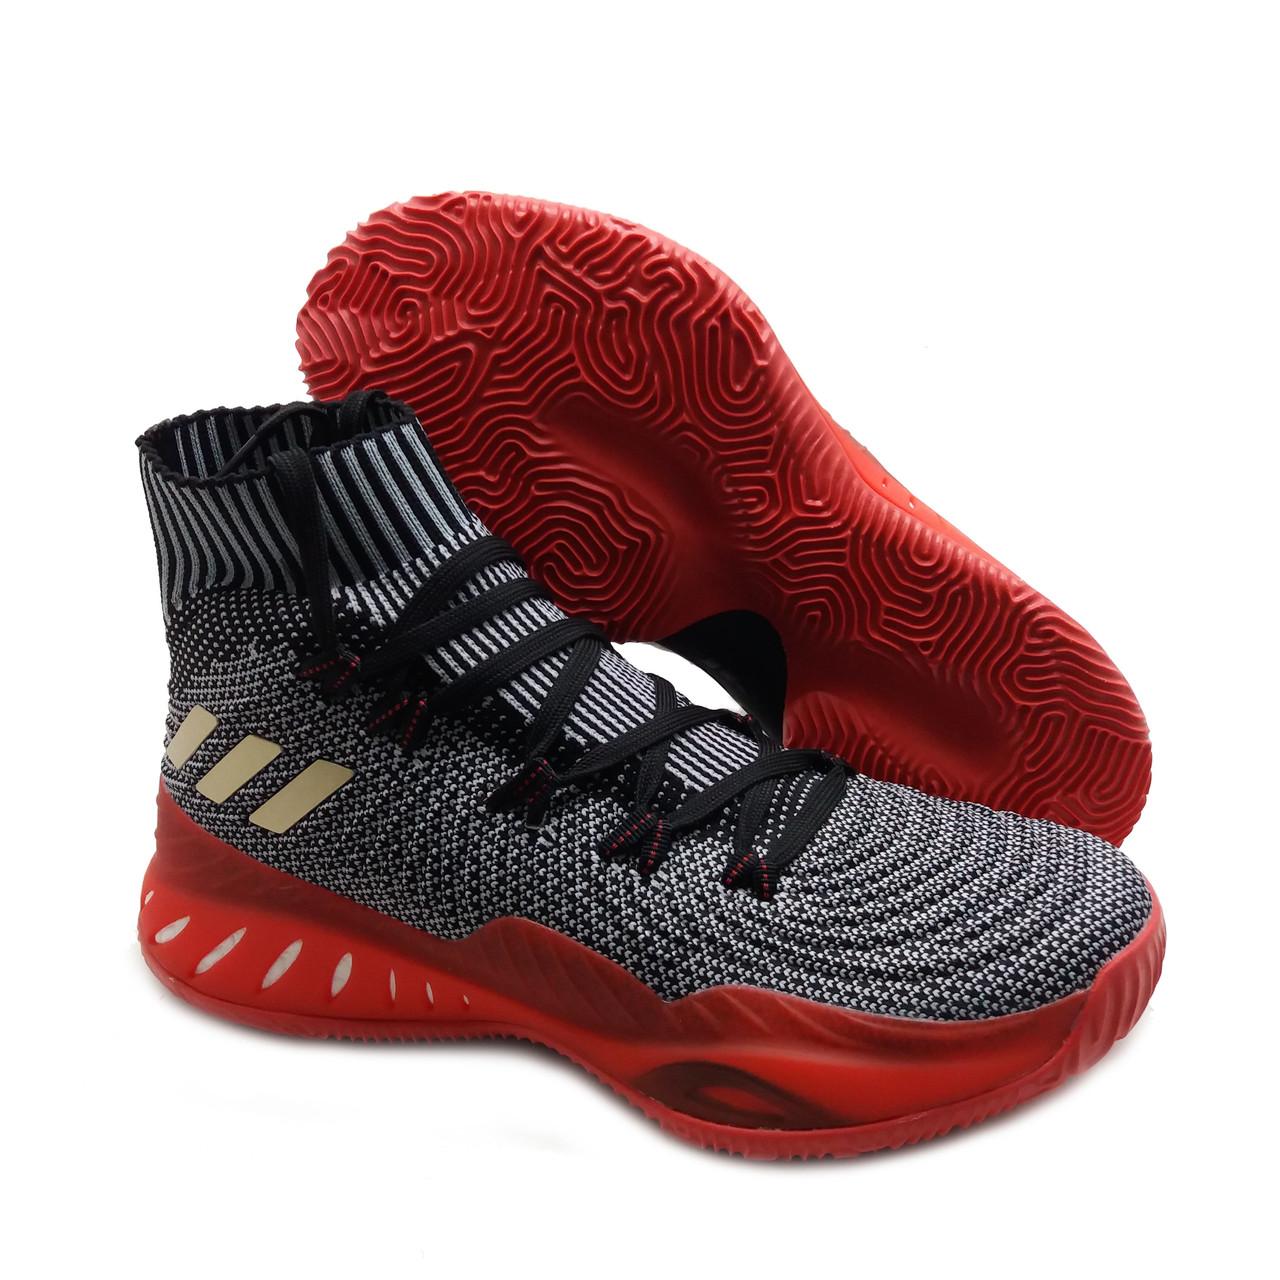 Мужские баскетбольные кроссовки Adidas Crazy Explosive Серо-красный